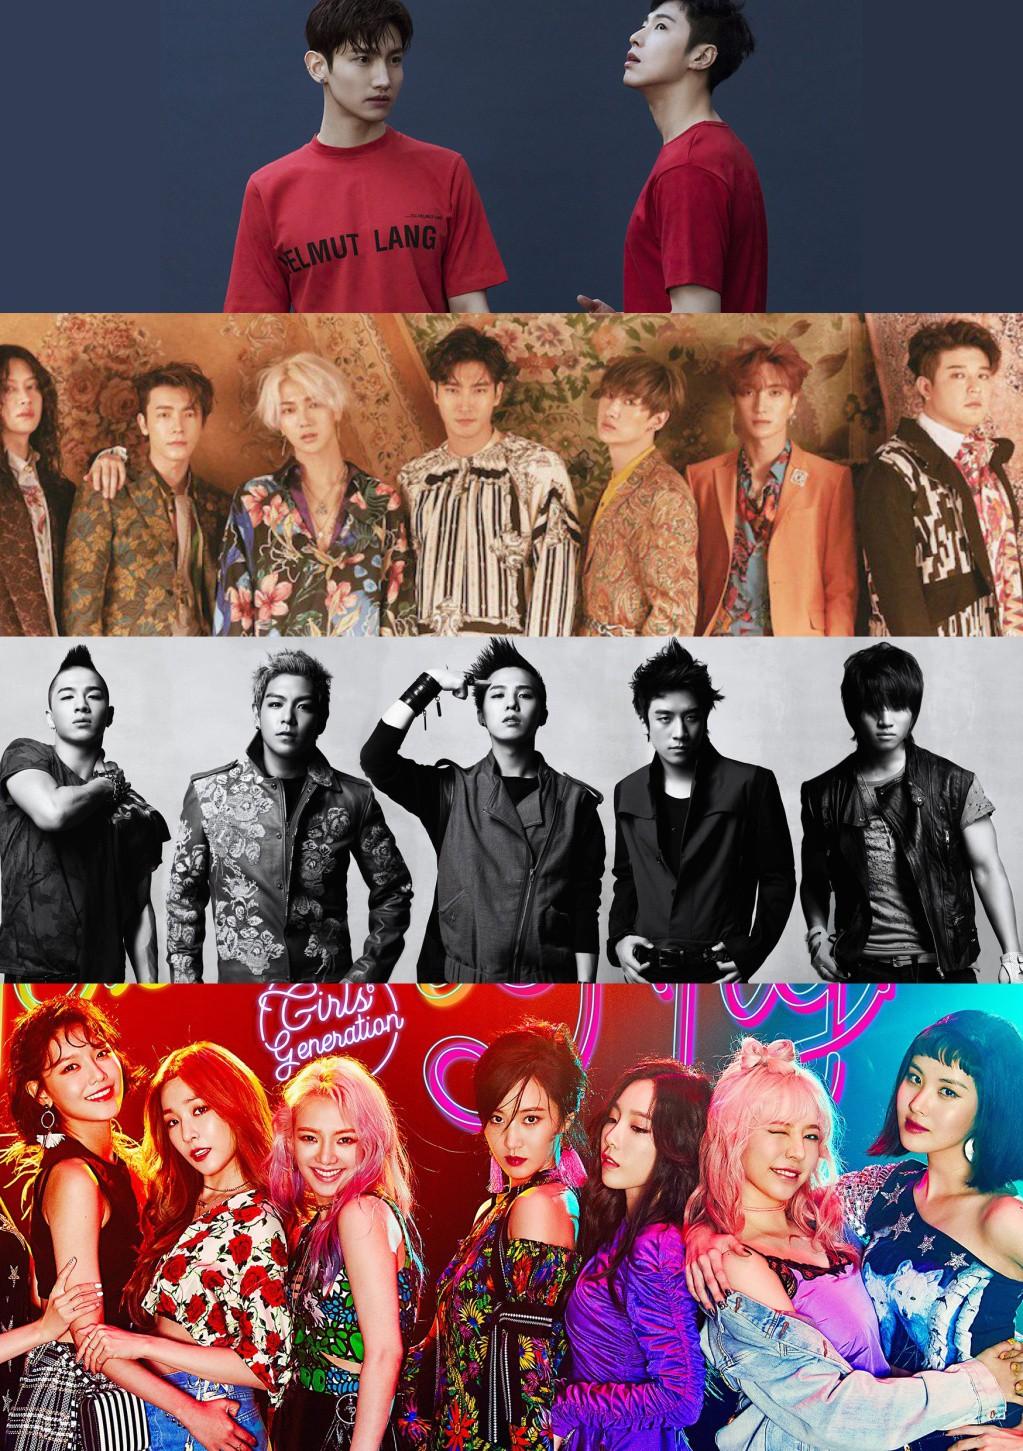 Thần tượng thế hệ 2 của Kpop như DBSK, SNSD, SuJu...: Vẫn là nghệ sĩ hay chỉ còn là những con gà đẻ trứng vàng? - Ảnh 4.